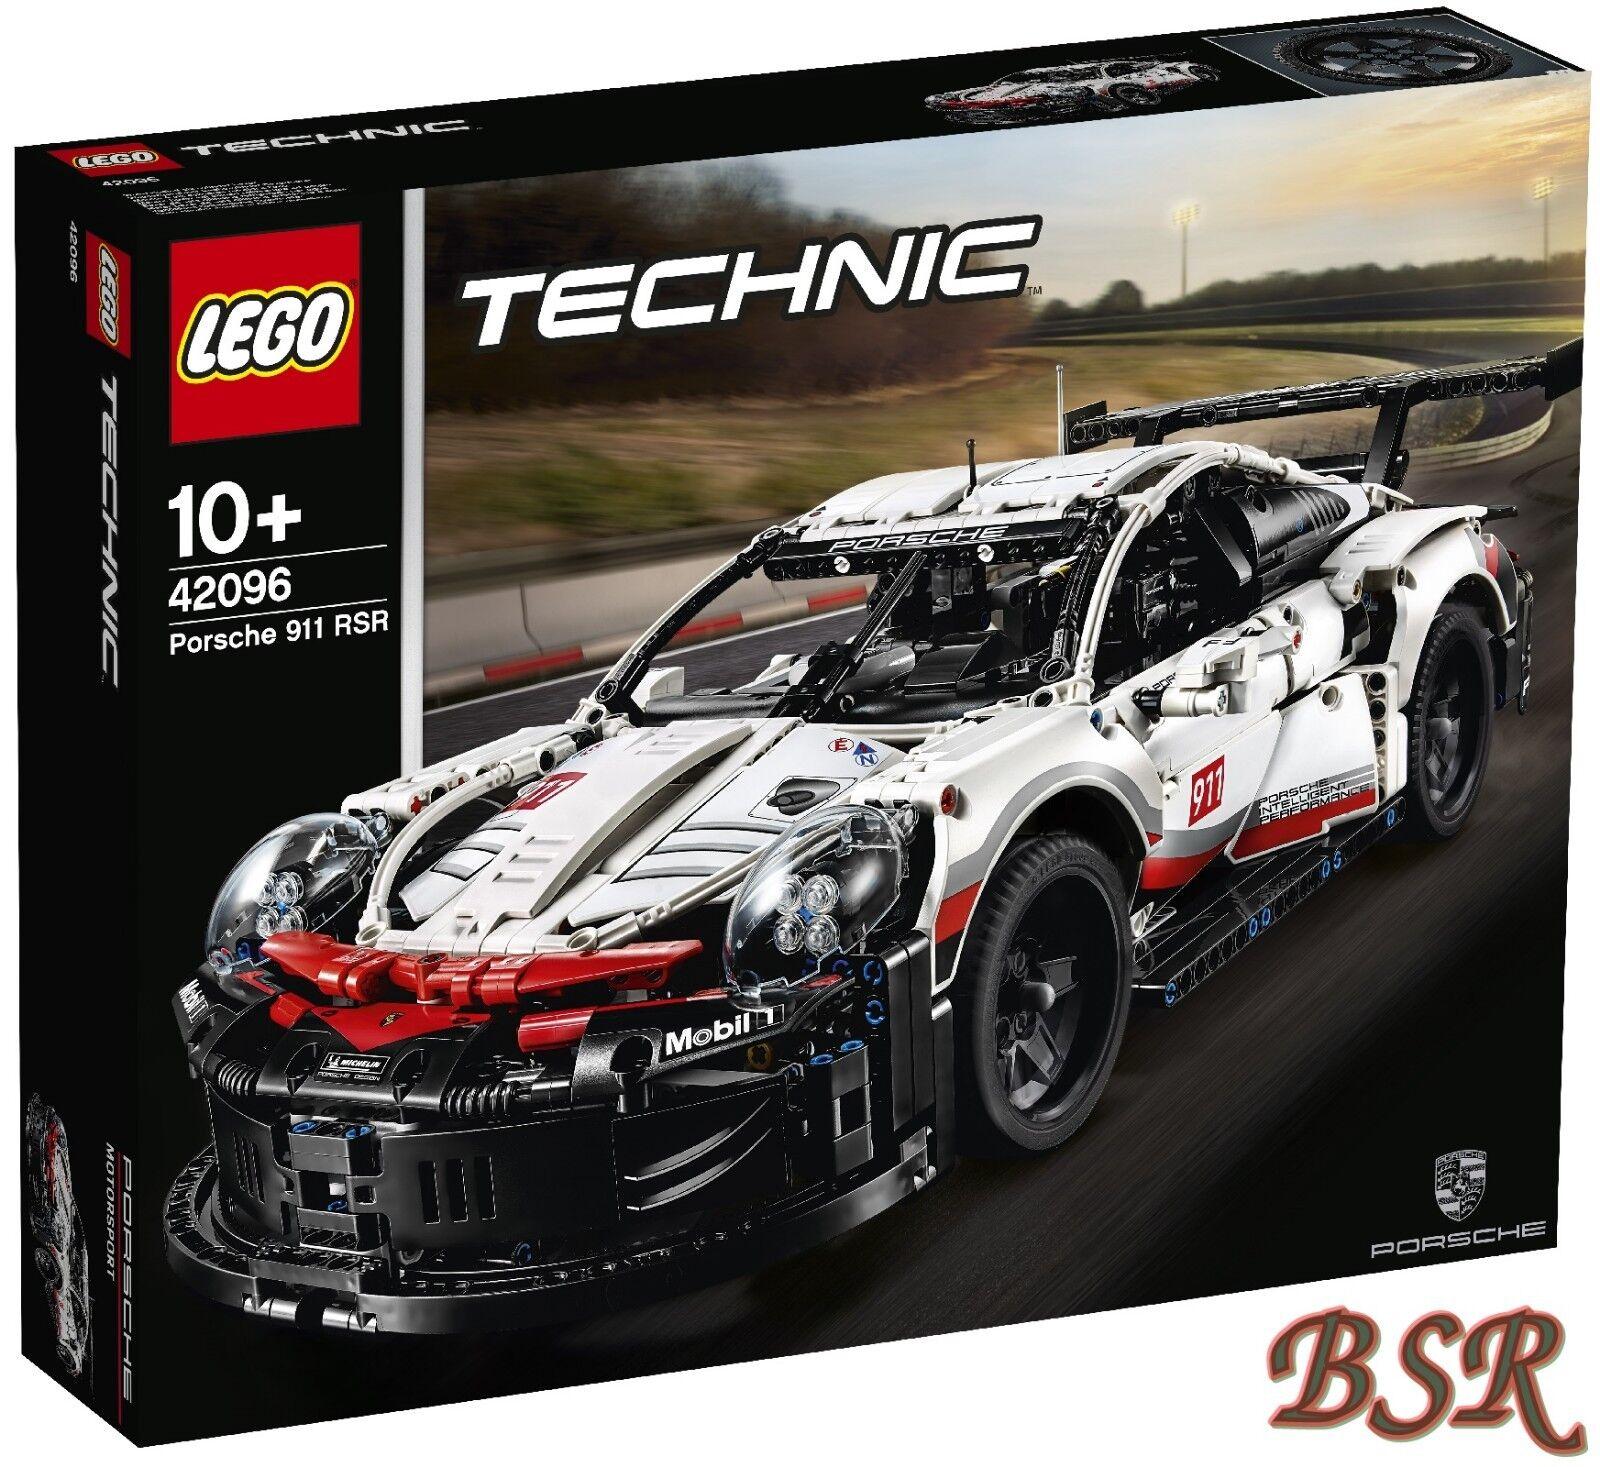 Réservations LEGO  ® Technologie  42096 PORSCHE 911 RSR & NOUVEAU & NEUF dans sa boîte  classique intemporel